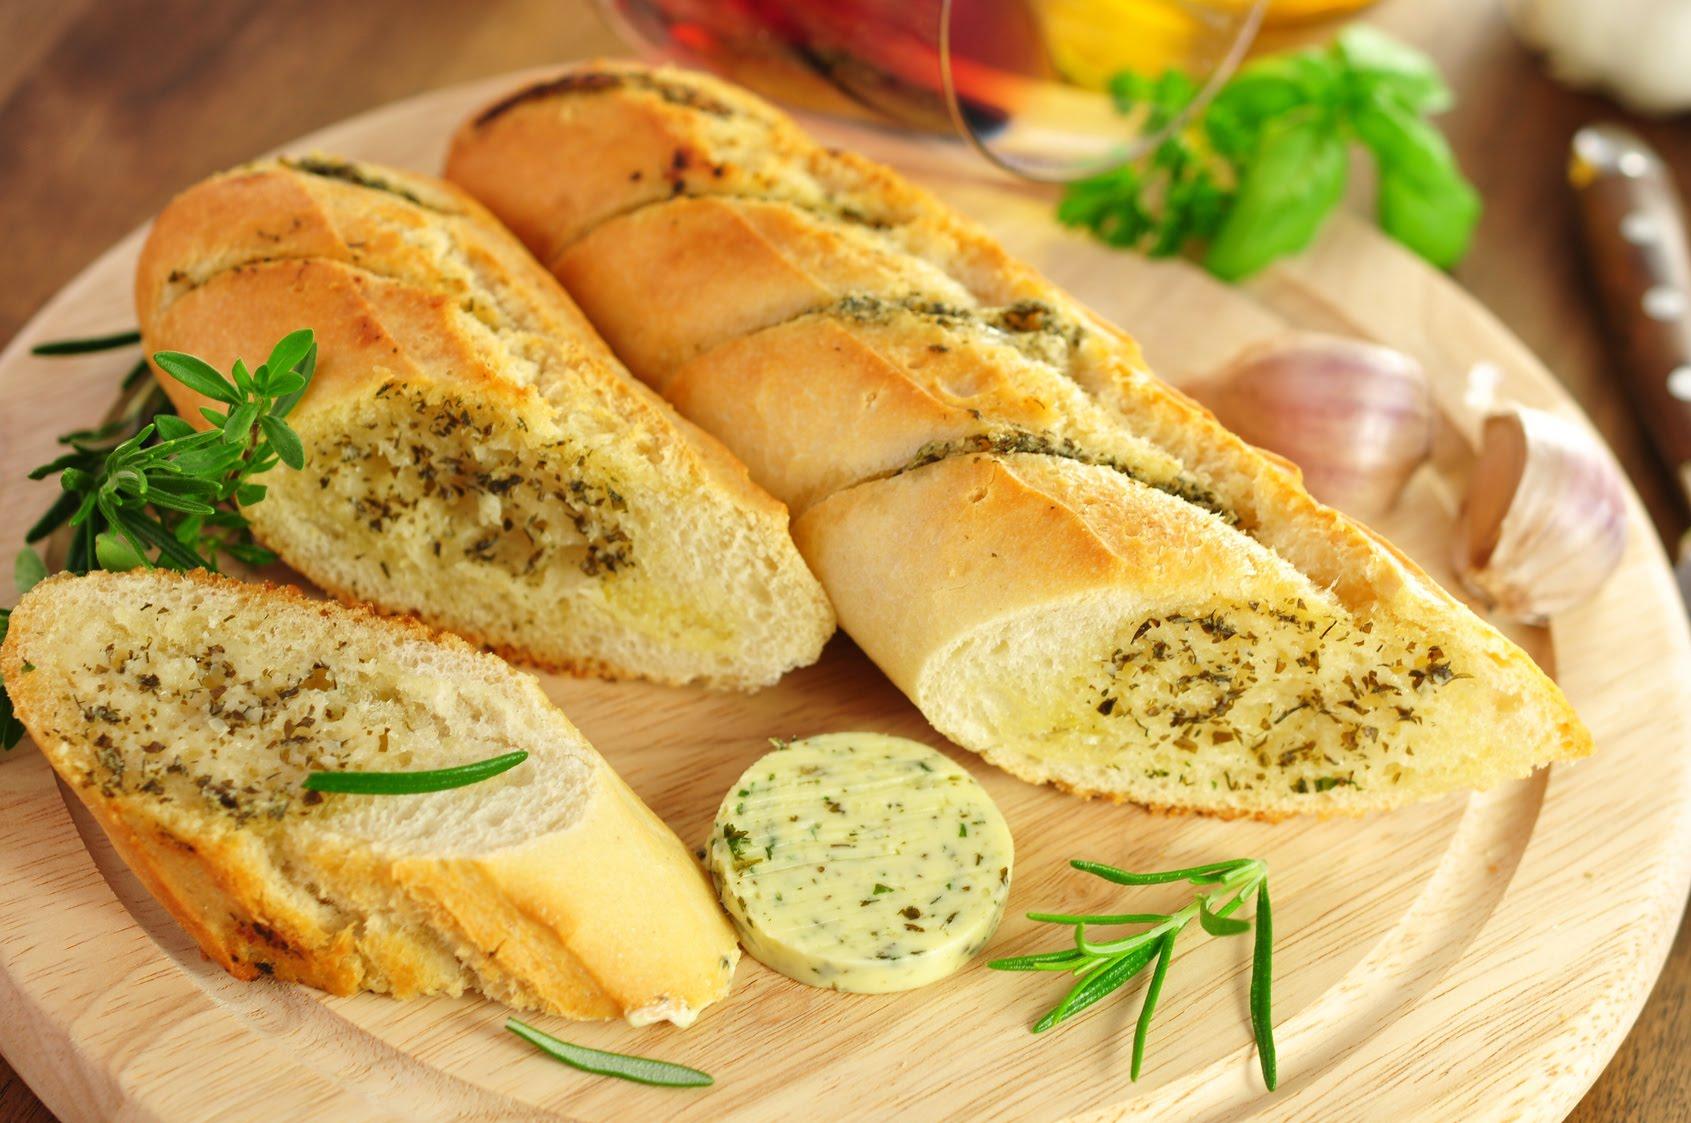 Tony's Garlic Bread